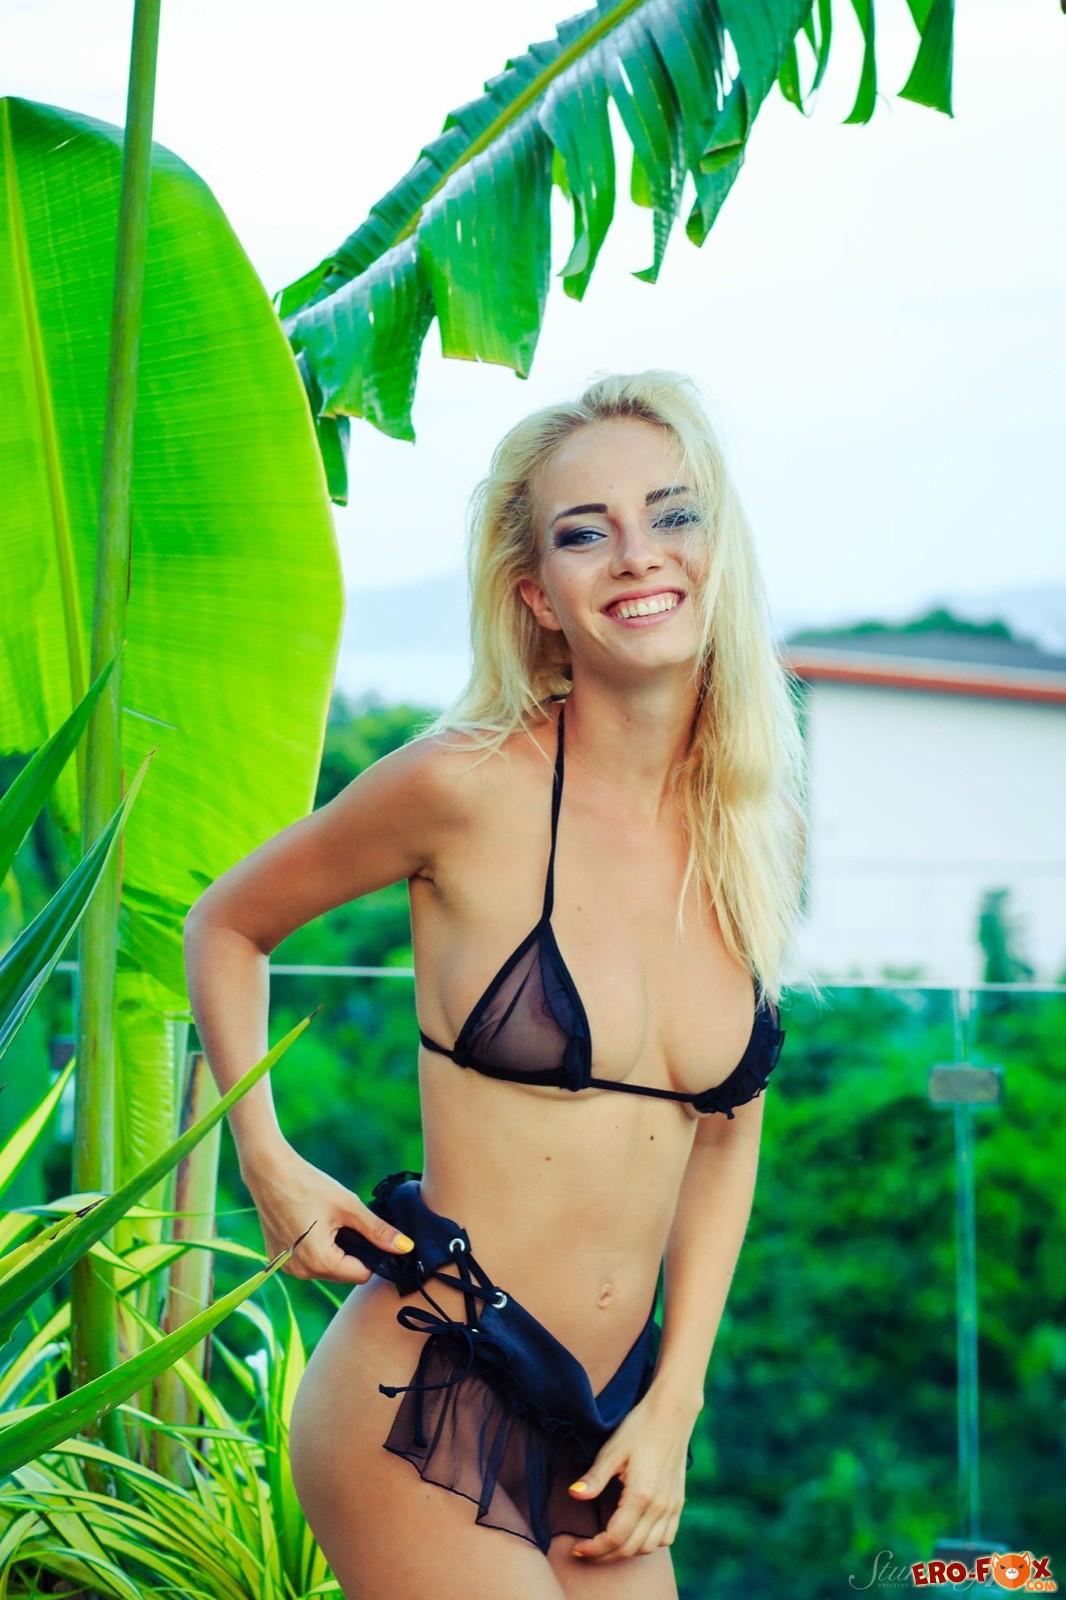 Блондинка с упругой грудью эротично сняла бельё